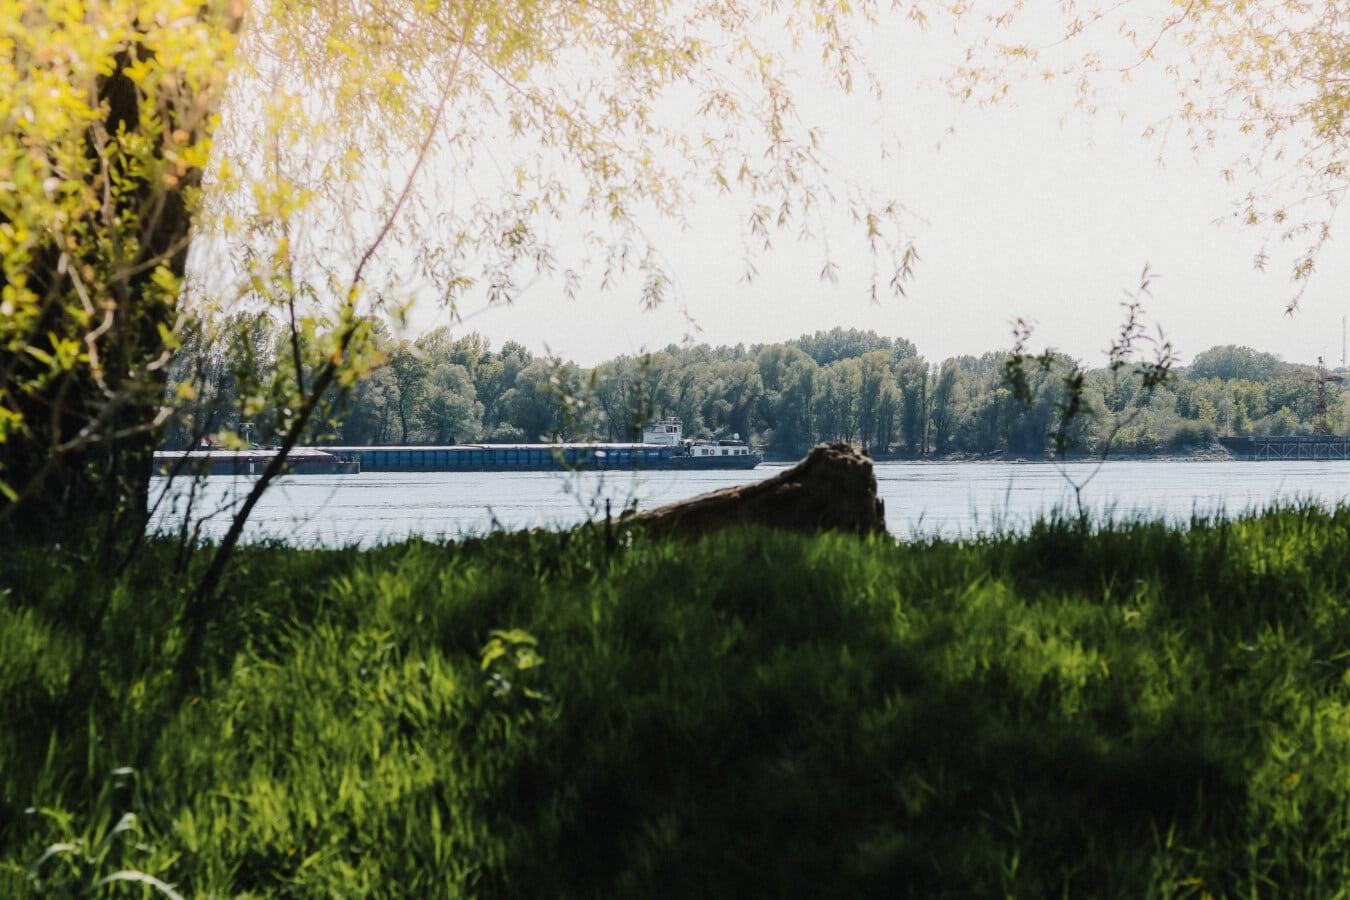 δέντρα, ακροποταμιά, χορτώδους, φορτηγό πλοίο, φορτηγίδα, τοπίο, χλόη, εξοχή, δέντρο, το καλοκαίρι